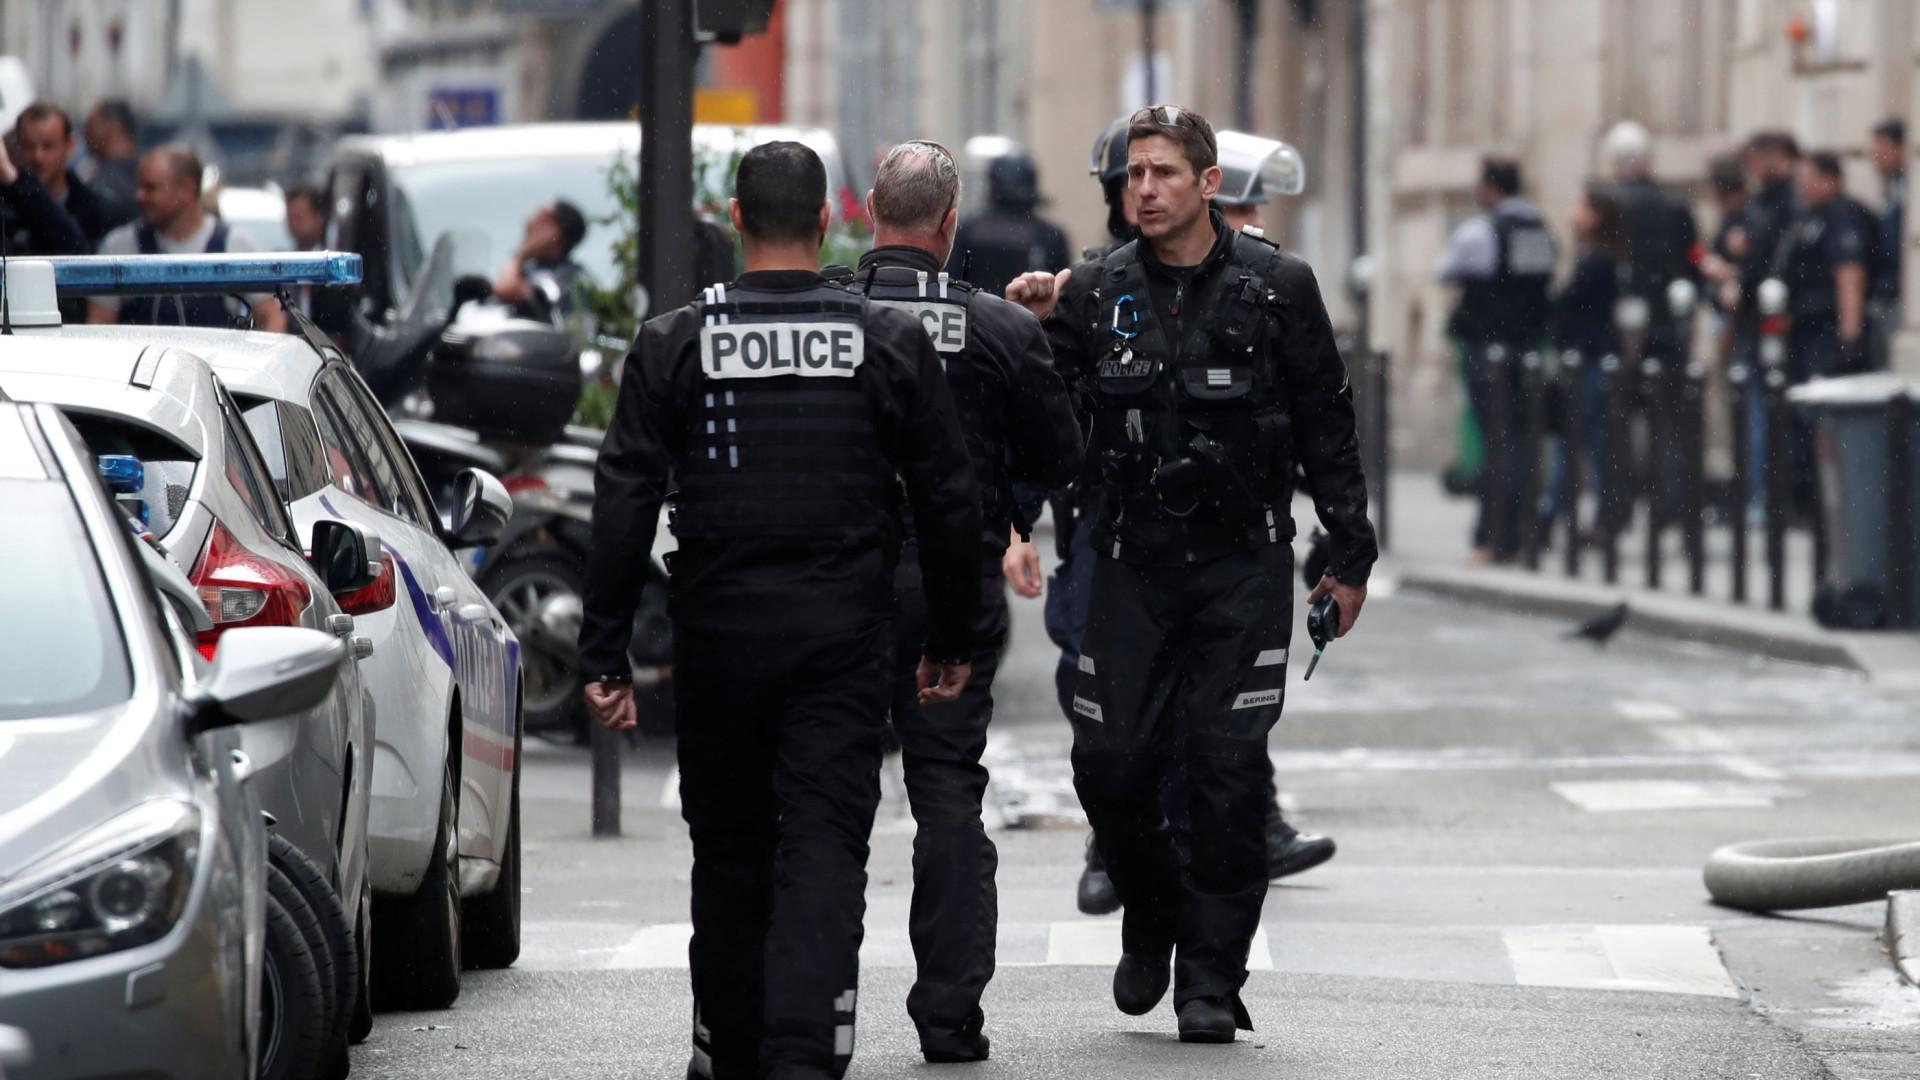 Paris: Sequestro em agência publicitária. Uma pessoa conseguiu fugir